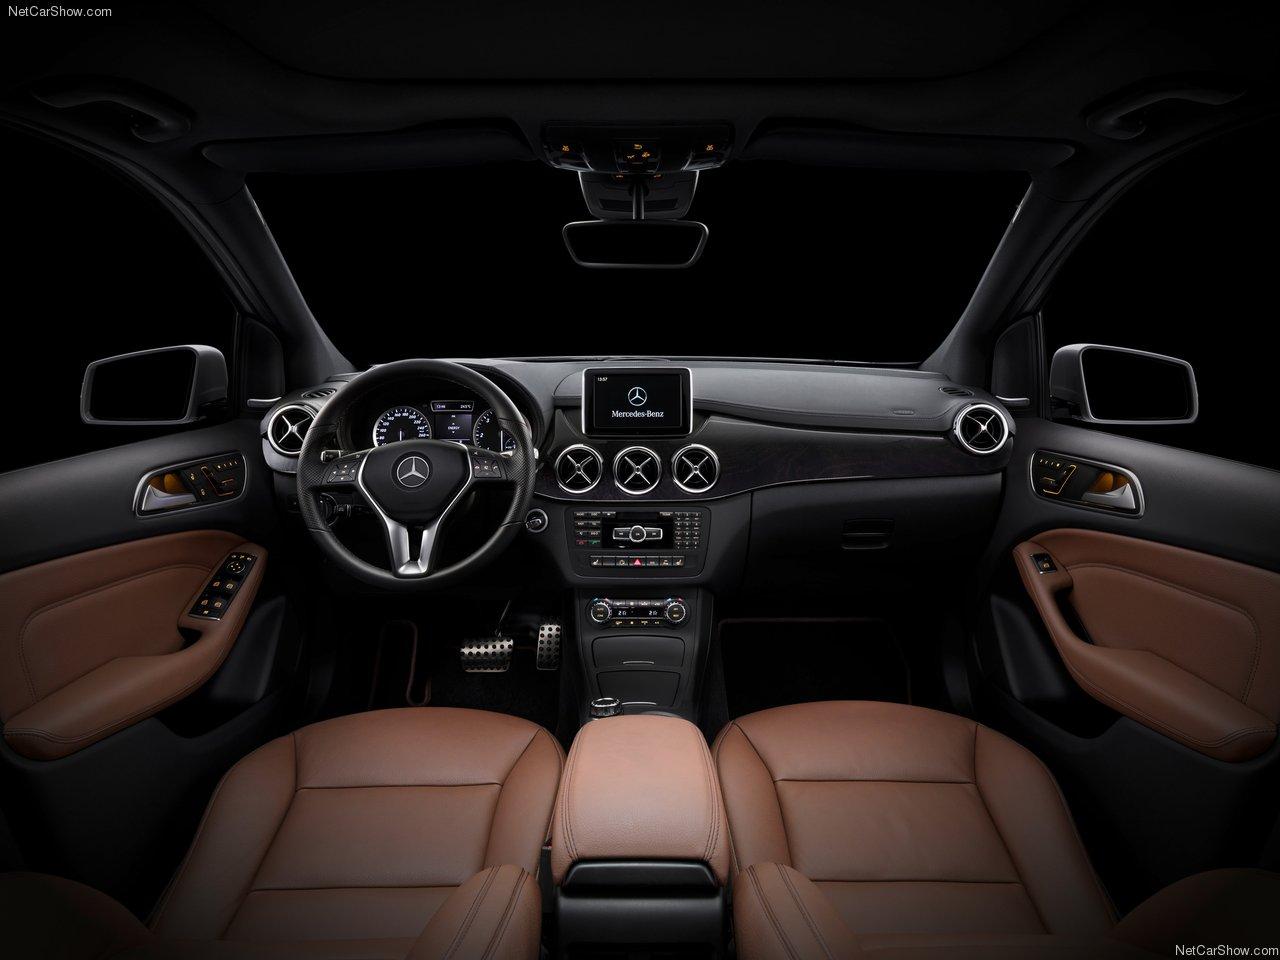 http://4.bp.blogspot.com/-Z7FVz3uKgY4/ToY74hwpqjI/AAAAAAAADTg/ENqnGp9pqyM/s1600/Mercedes-Benz-B-Class_2012_1280x960_wallpaper_25.jpg